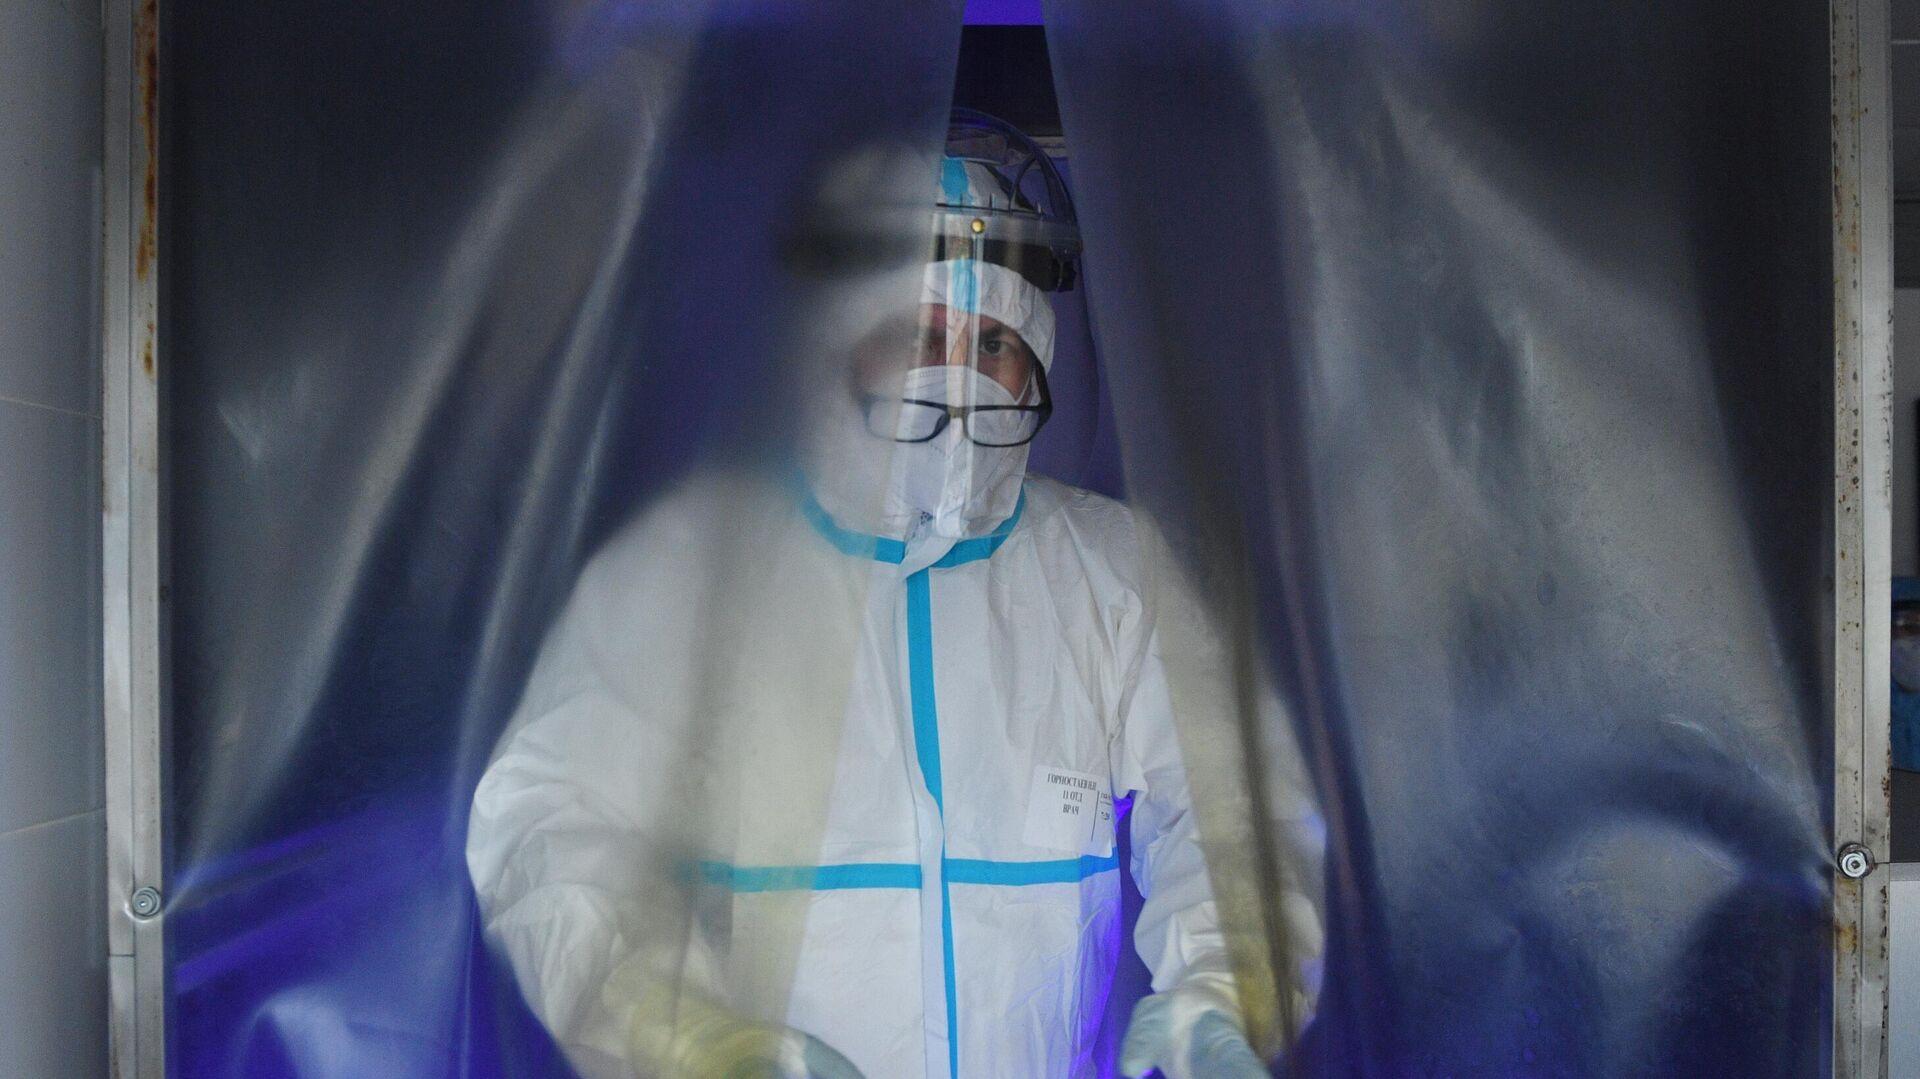 Медицинский работник в отделении дезинфекции госпиталя COVID-19 городской клинической больницы №15 имени О. М. Филатова в Москве - РИА Новости, 1920, 17.11.2020